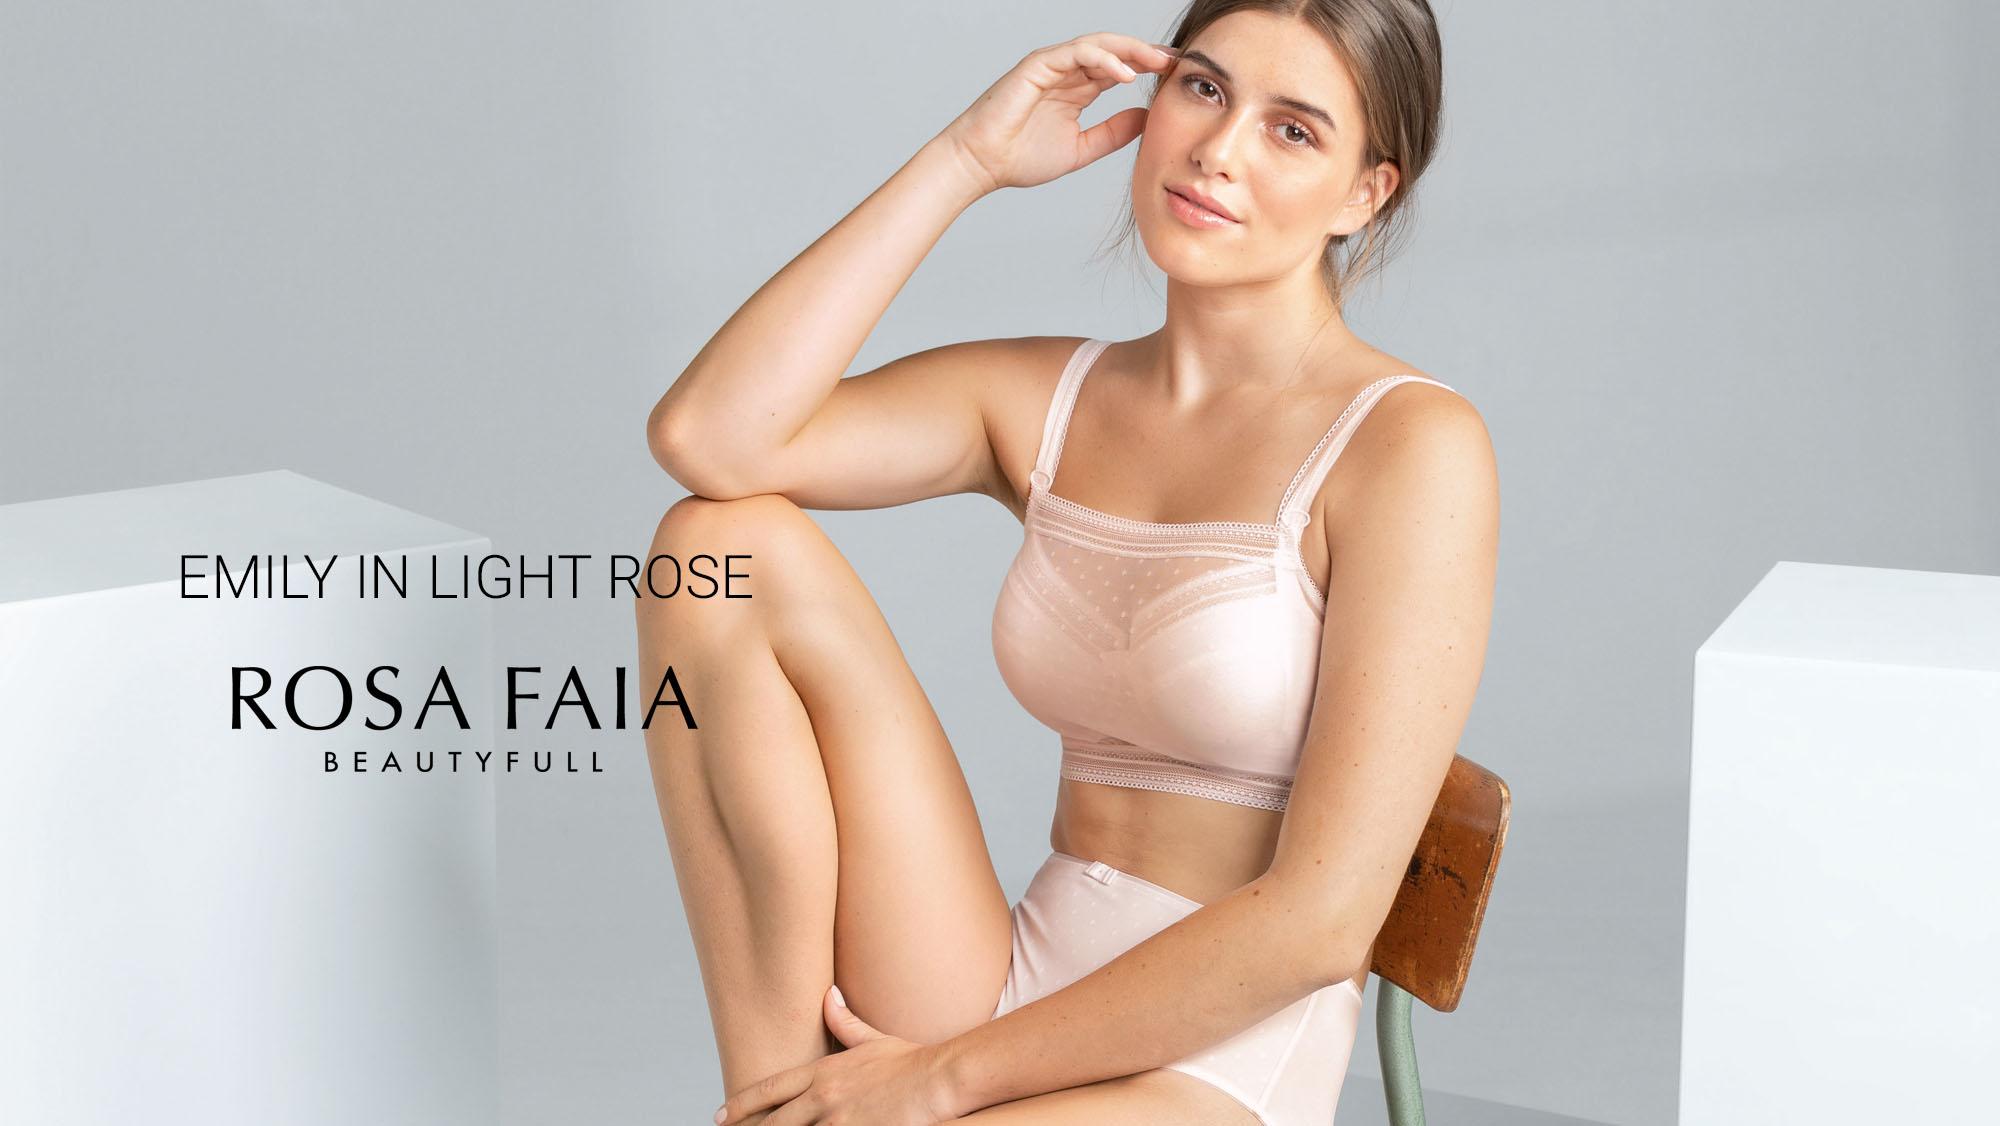 Rosa Faia Emily